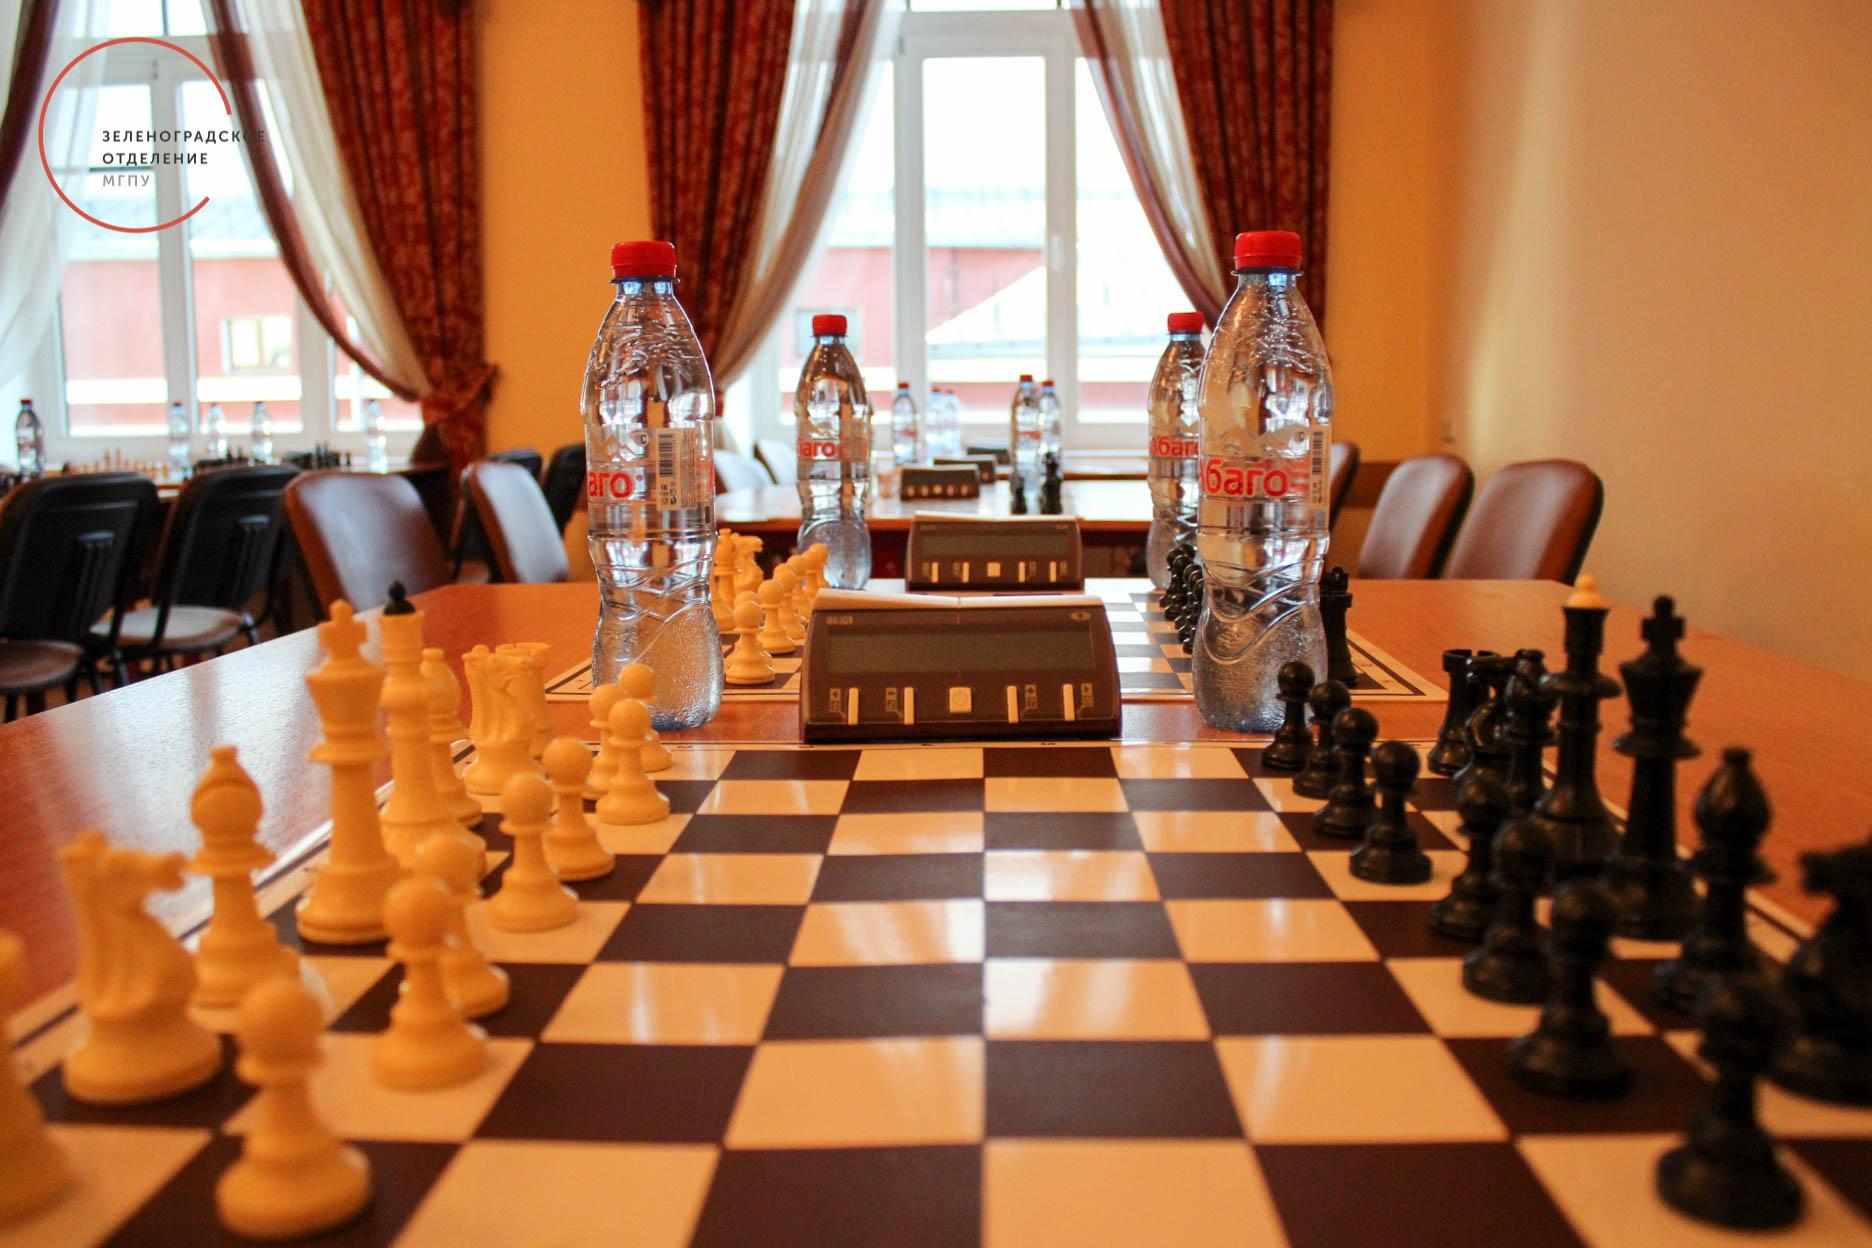 Международный центр шахматного образования А.Е. Карпова